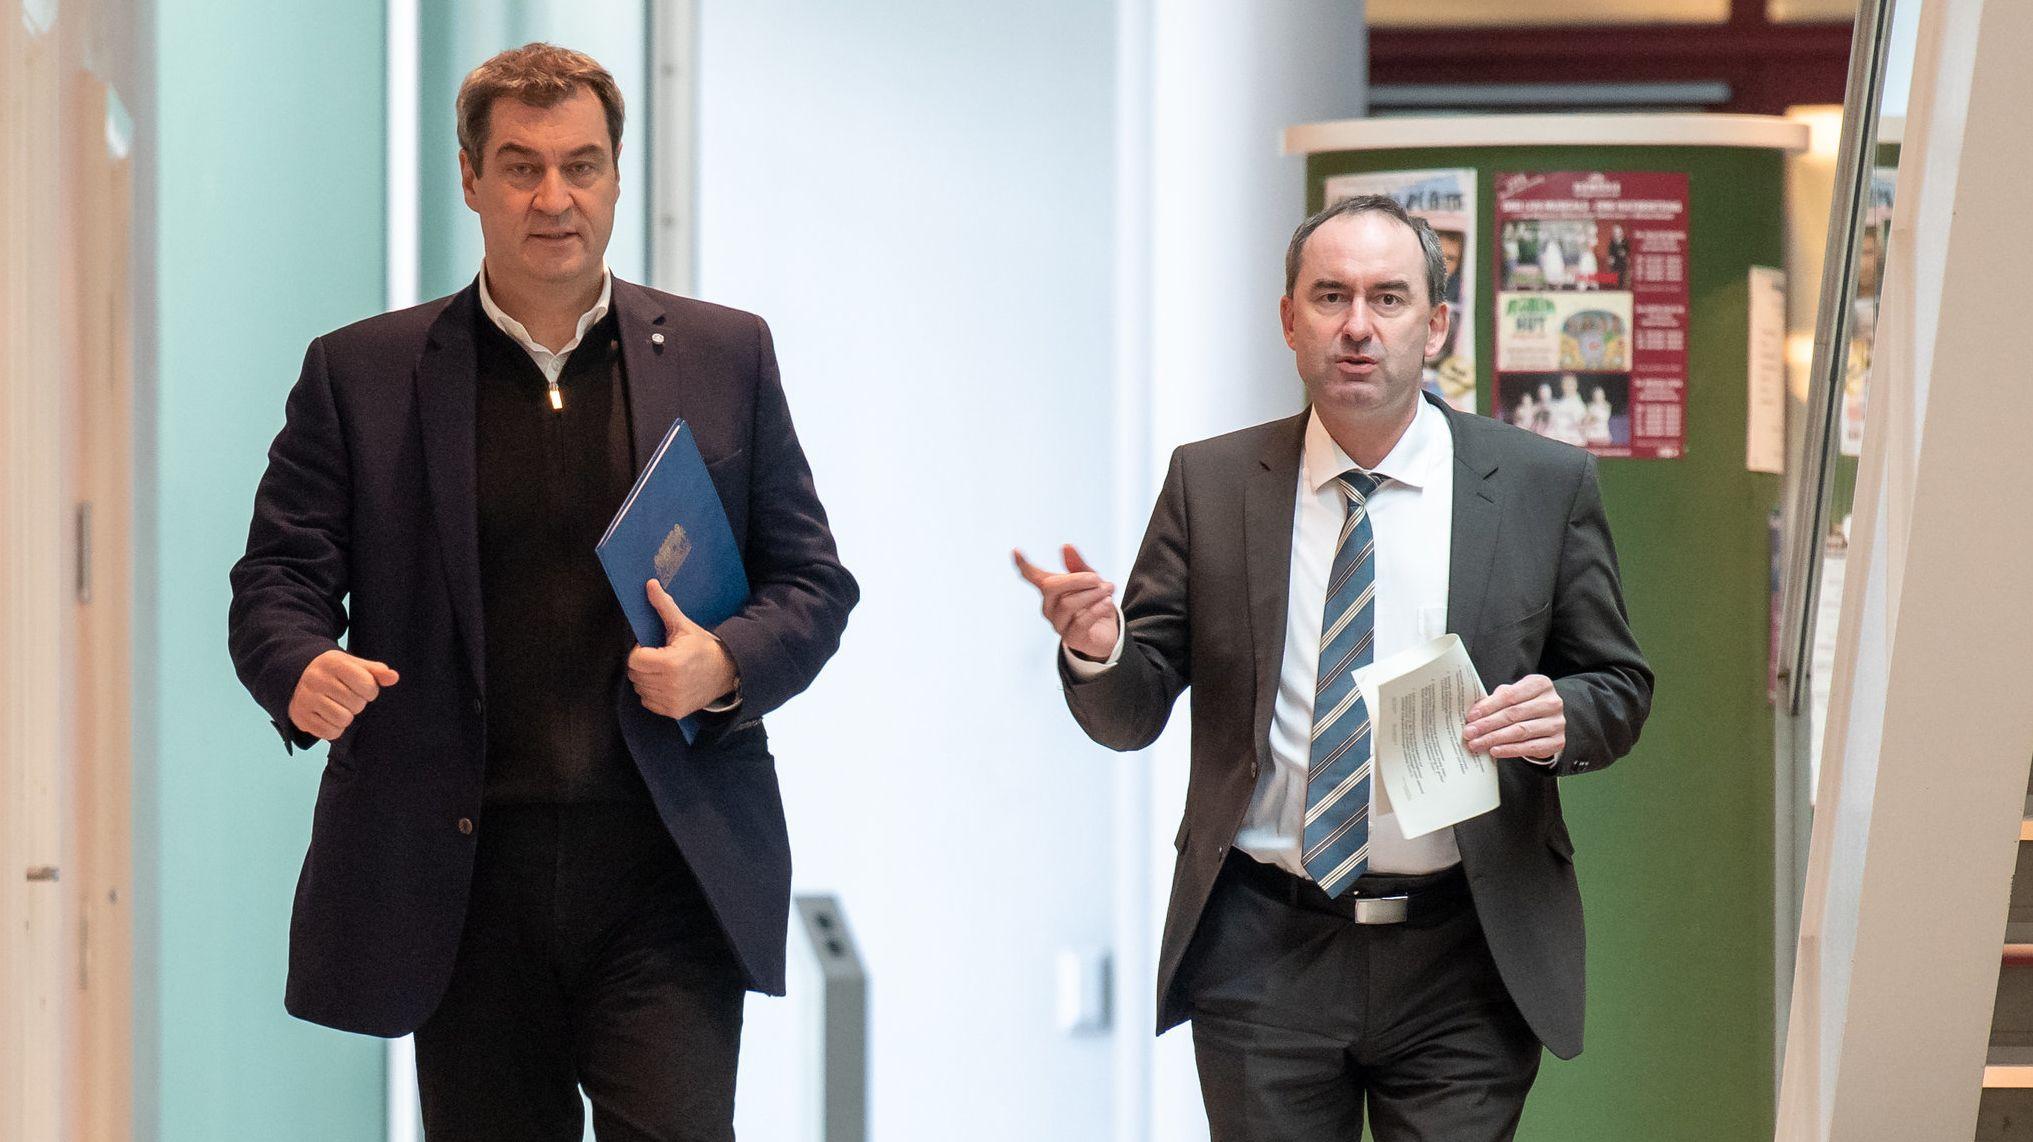 Müssen Bayern derzeit durch die Coronakrise manövrieren: Ministerpräsident Söder und sein Stellvertreter Aiwanger.